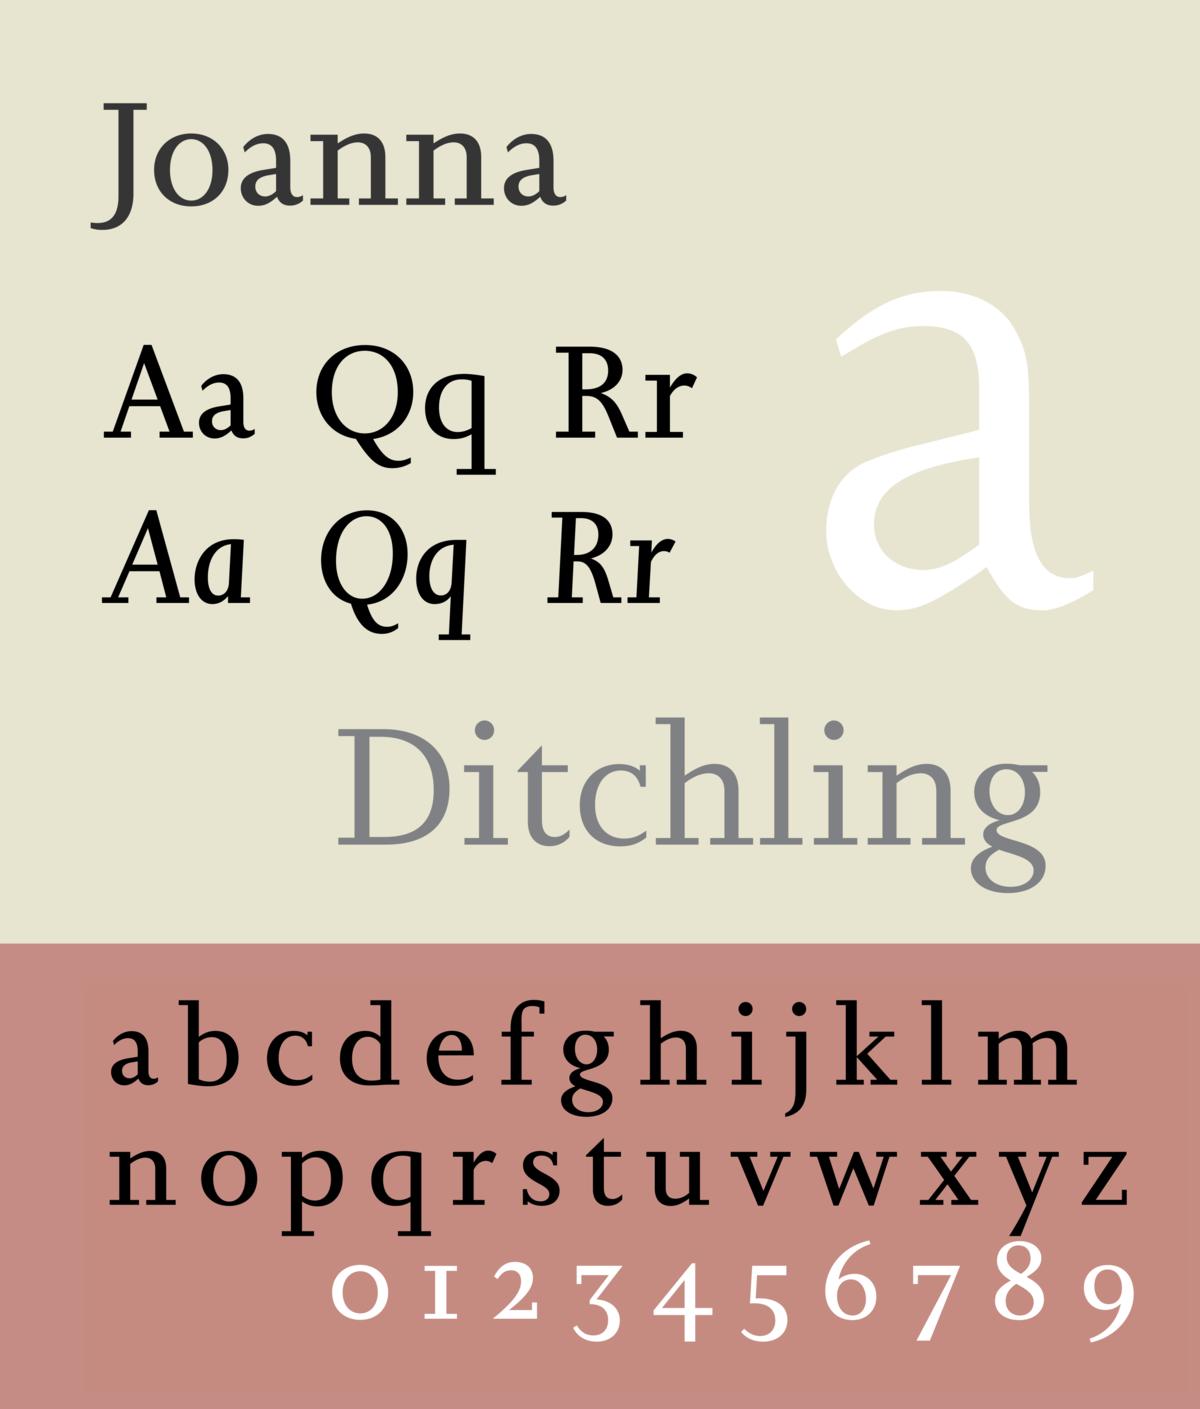 joanna  typeface